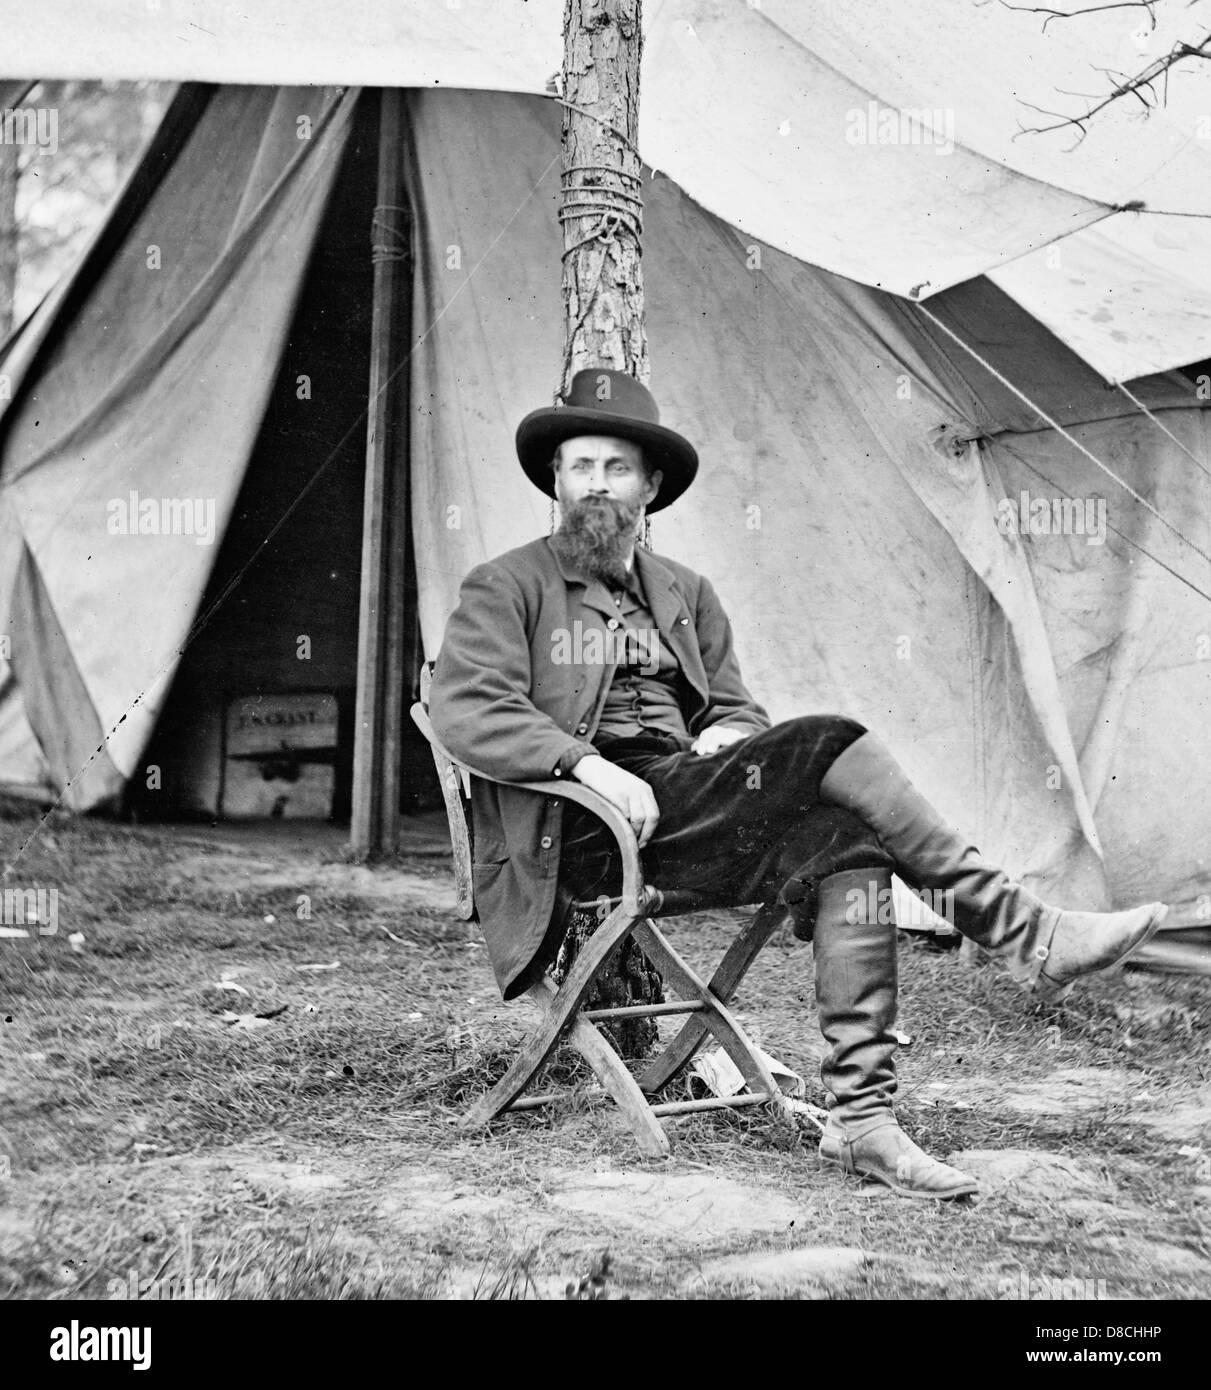 Puerto Frías, Virginia. Charles A. Dana, Subsecretario de Guerra, 1864 Imagen De Stock